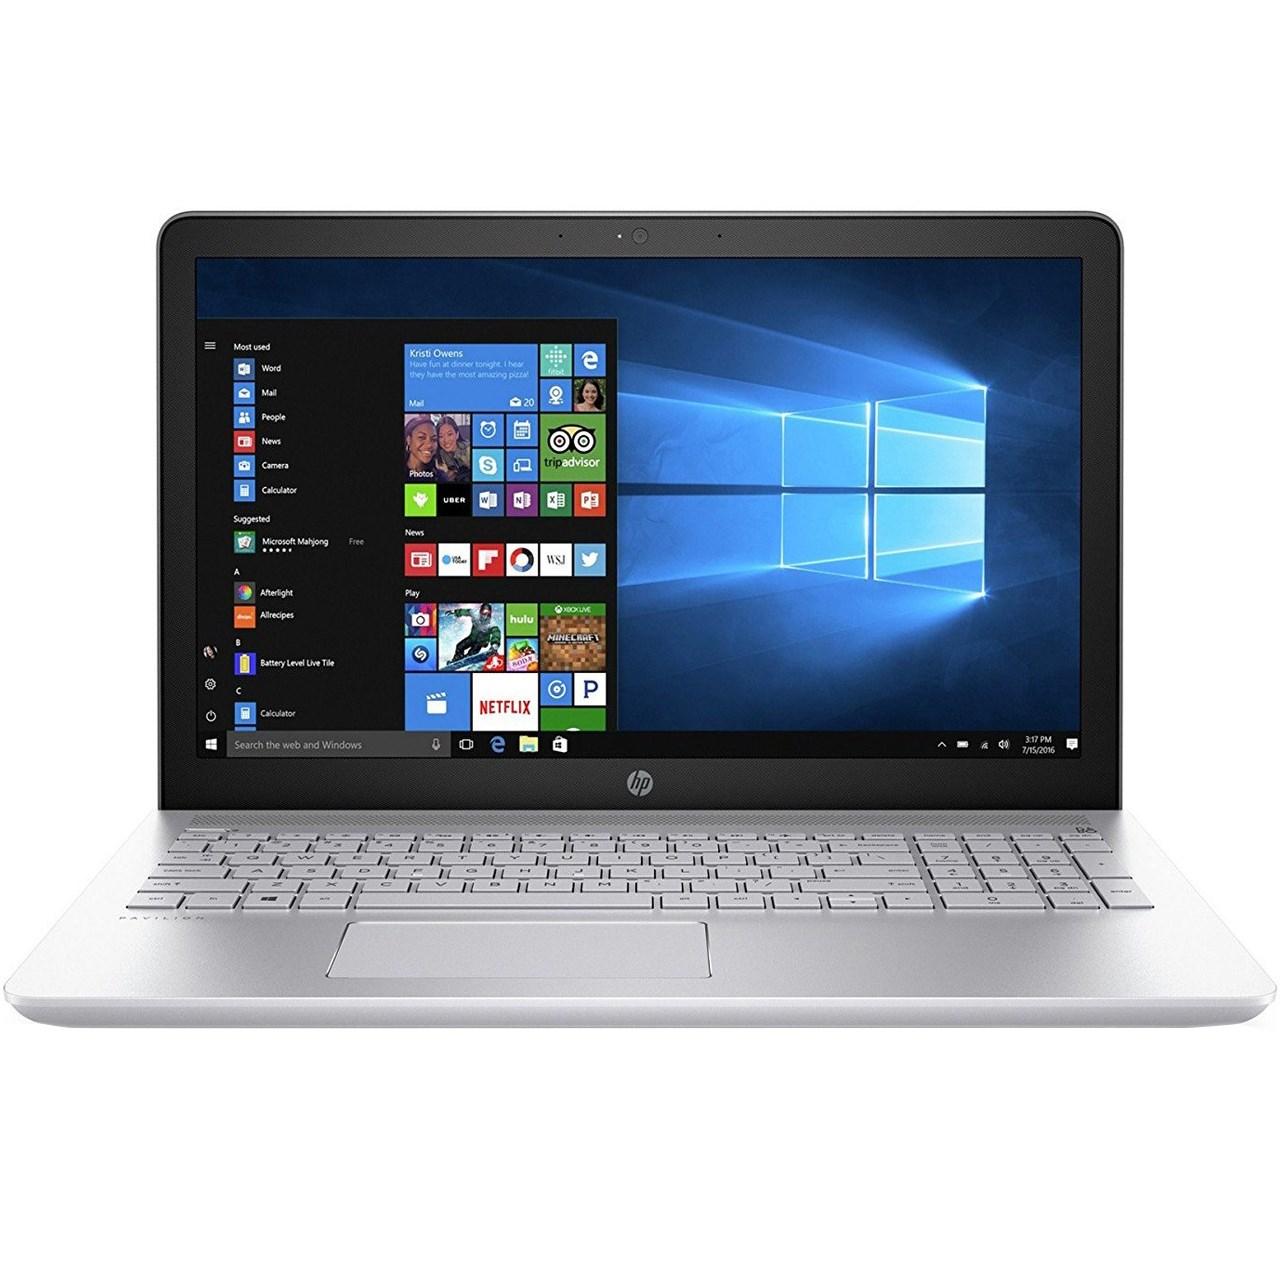 لپ تاپ 15 اینچی اچ پی مدل PAVILION 15-CC100 - E